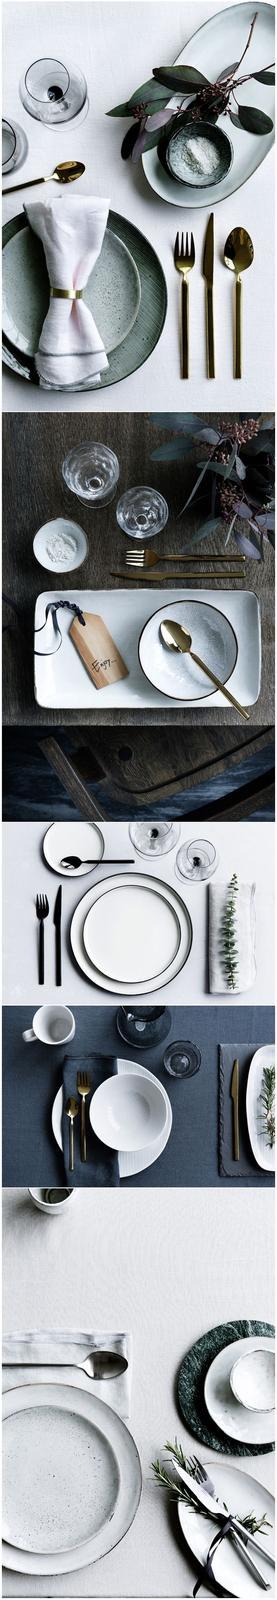 Nazdobenie stola alebo umenie prestrieť stôl do krásy. - Obrázok č. 75